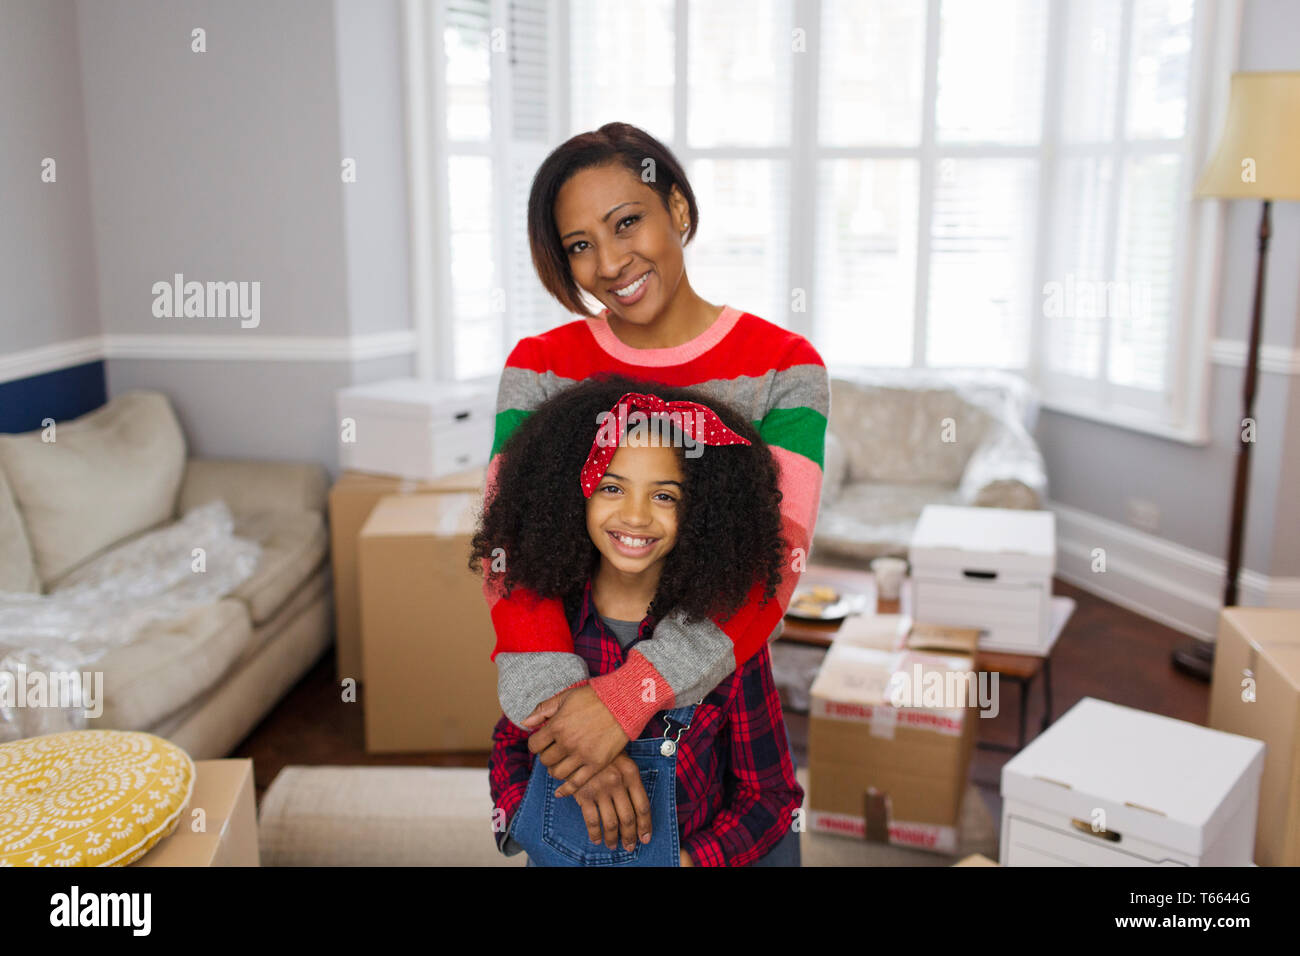 Portrait glückliche Mutter und Tochter Umzug Stockfoto